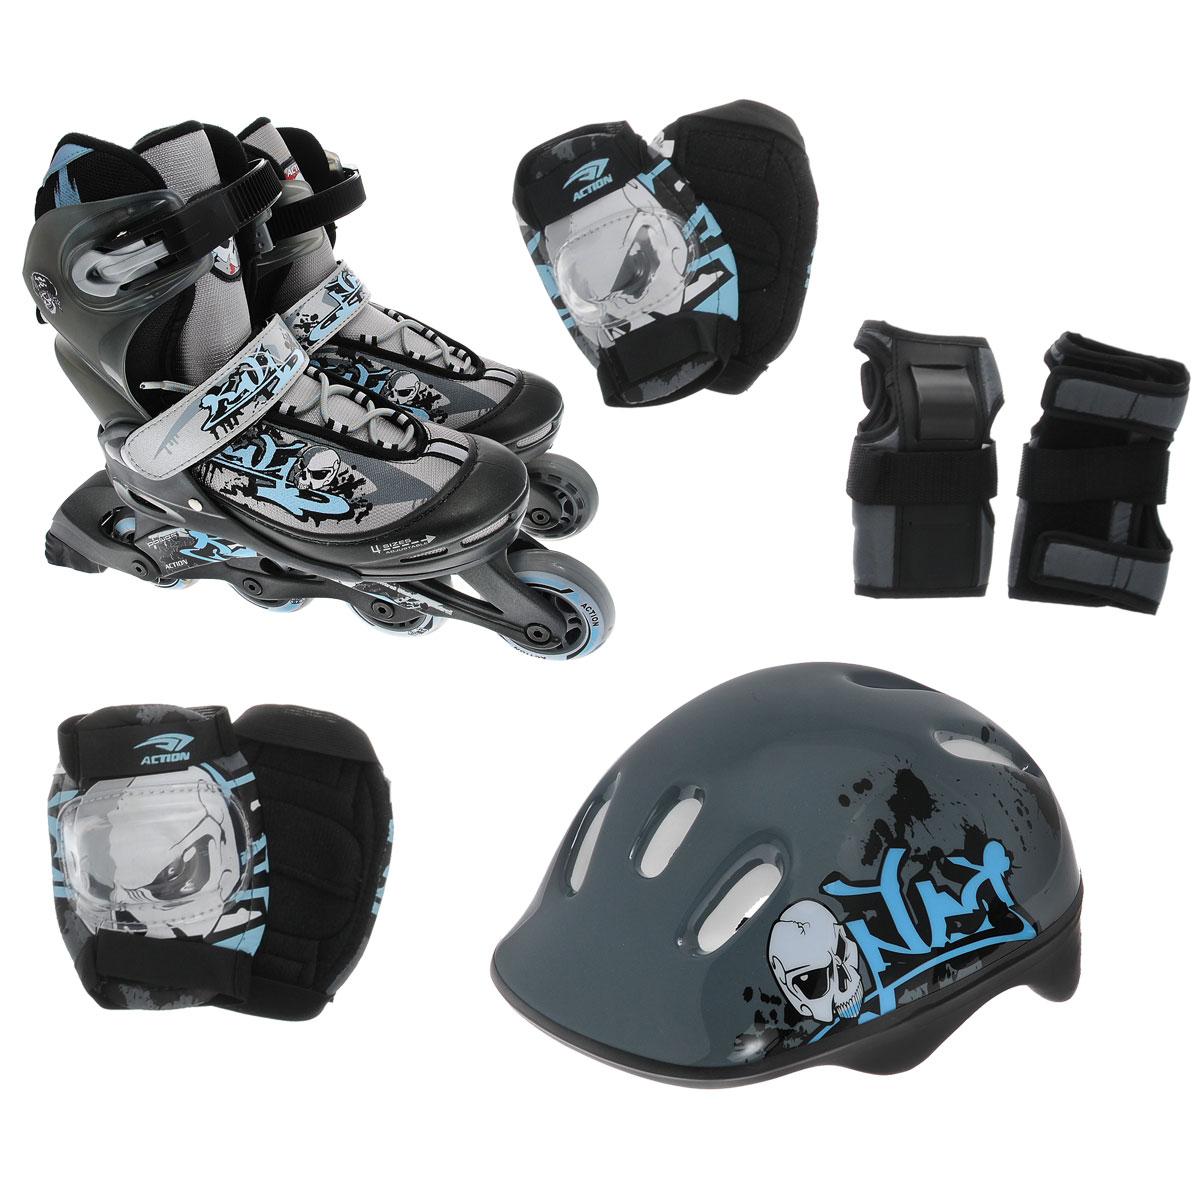 Action Комплект: коньки роликовые, шлем, защита. PW-117С